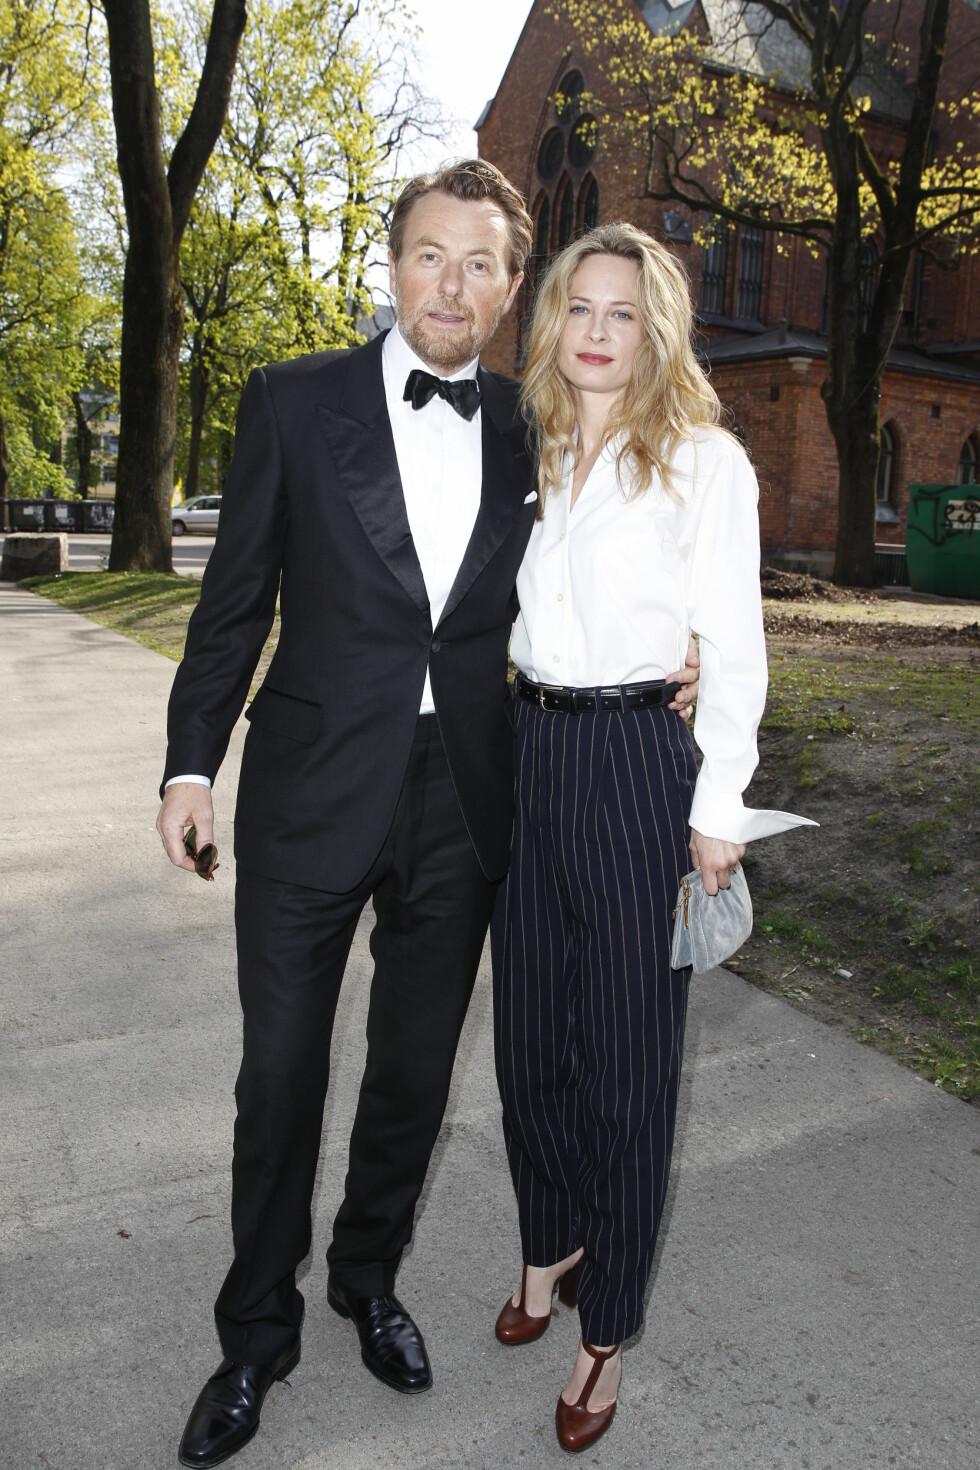 GLEDET SEG: Fredrik Skavlan og Maria Bonnievie så frem til vielsen. Foto: Andreas Fadum, Se og Hør